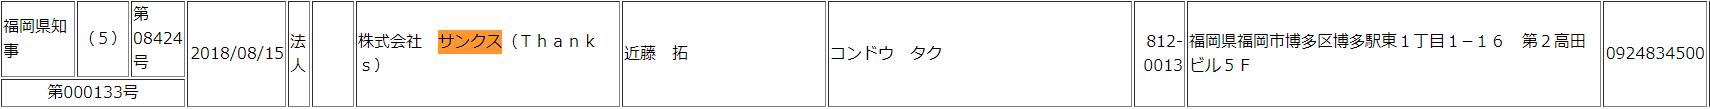 福岡サンクス